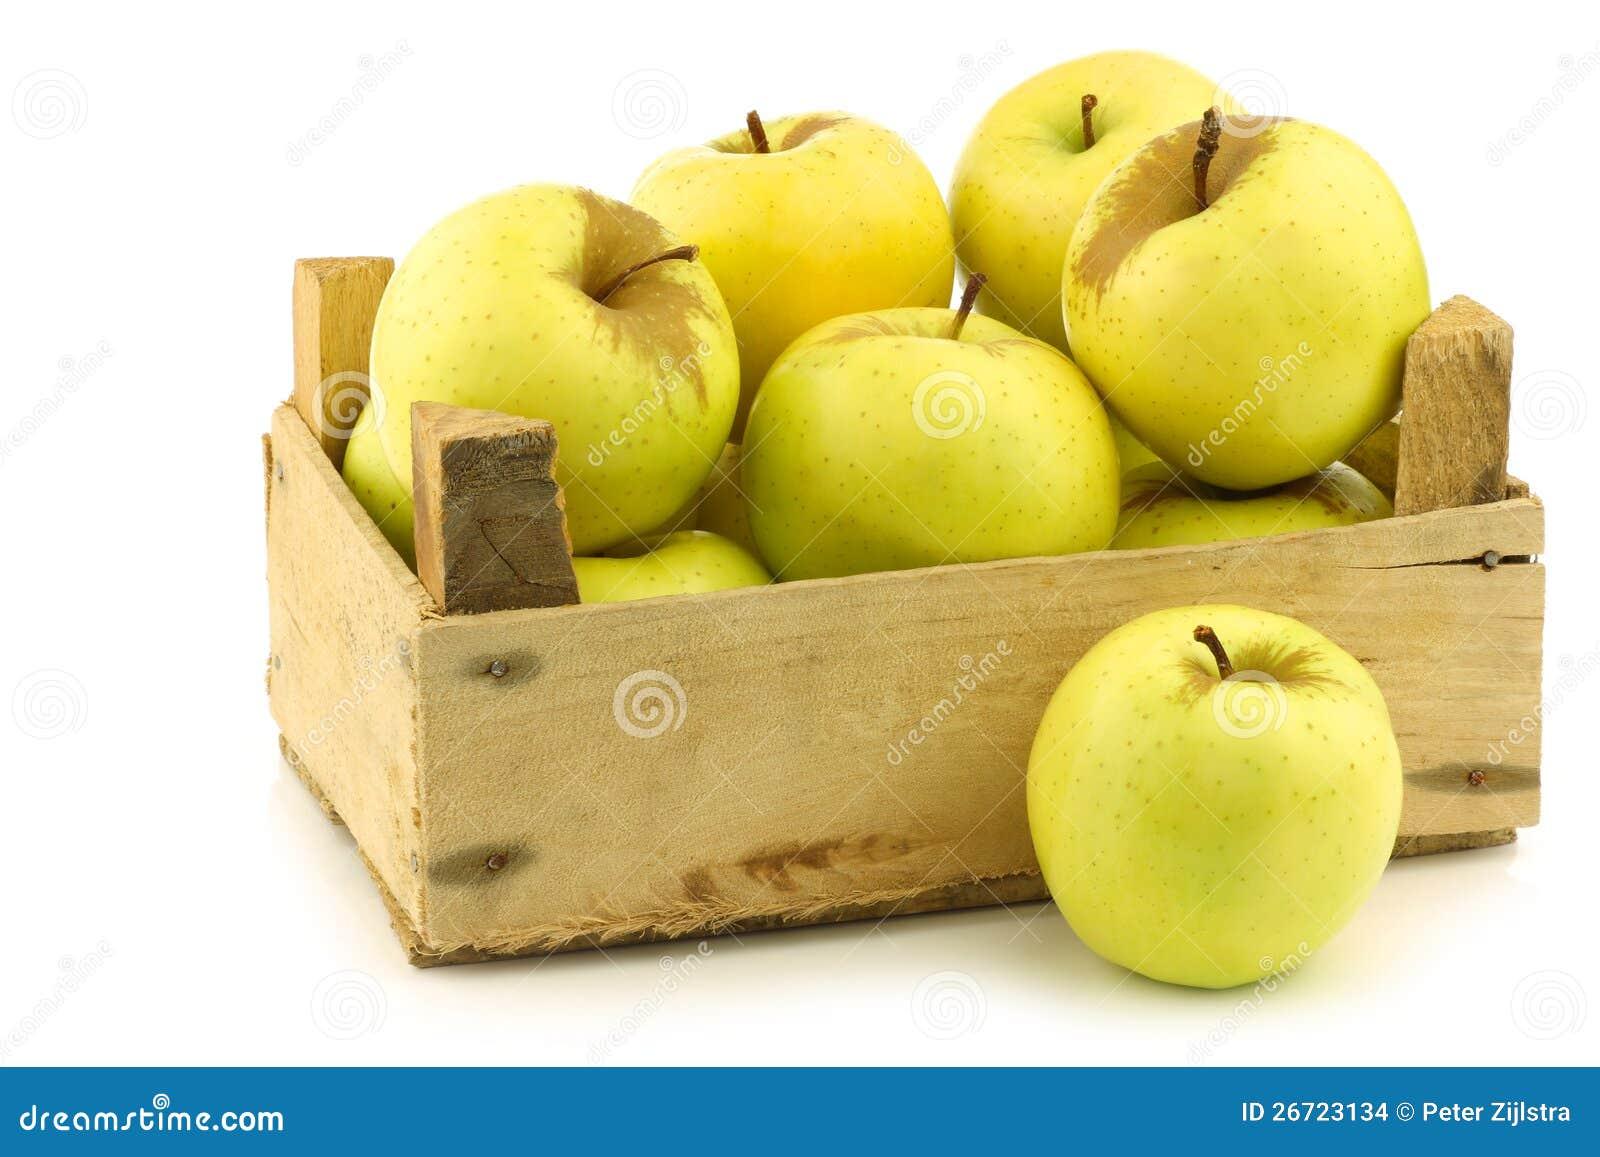 Caisse De Pomme Vide pommes golden delicious fraîches dans une caisse en bois